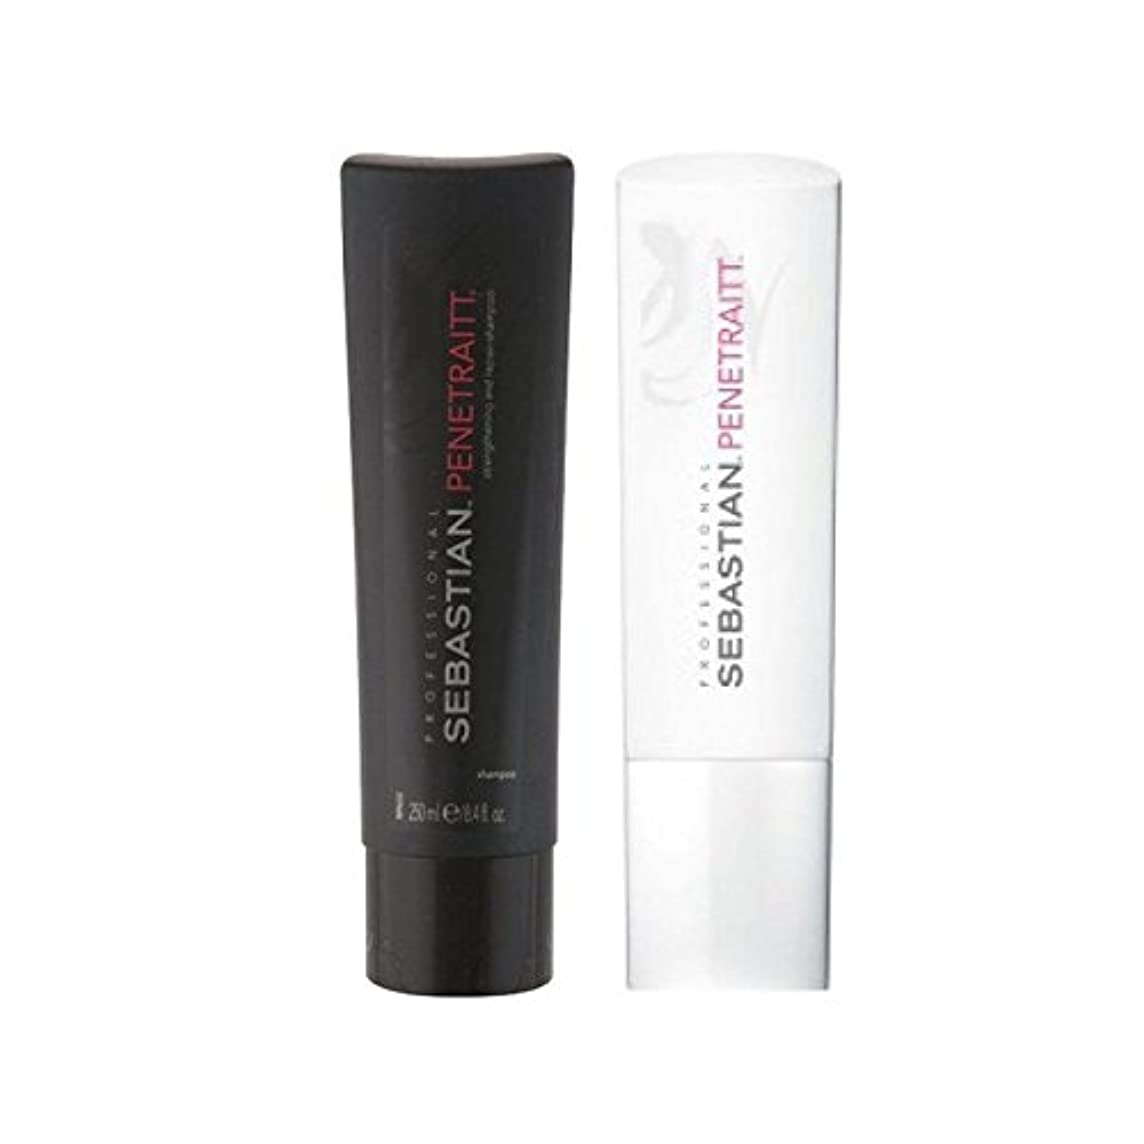 スーパー基本的な中級セバスチャンプロデュオ - シャンプー&コンディショナー x4 - Sebastian Professional Penetraitt Duo - Shampoo & Conditioner (Pack of 4) [並行輸入品]